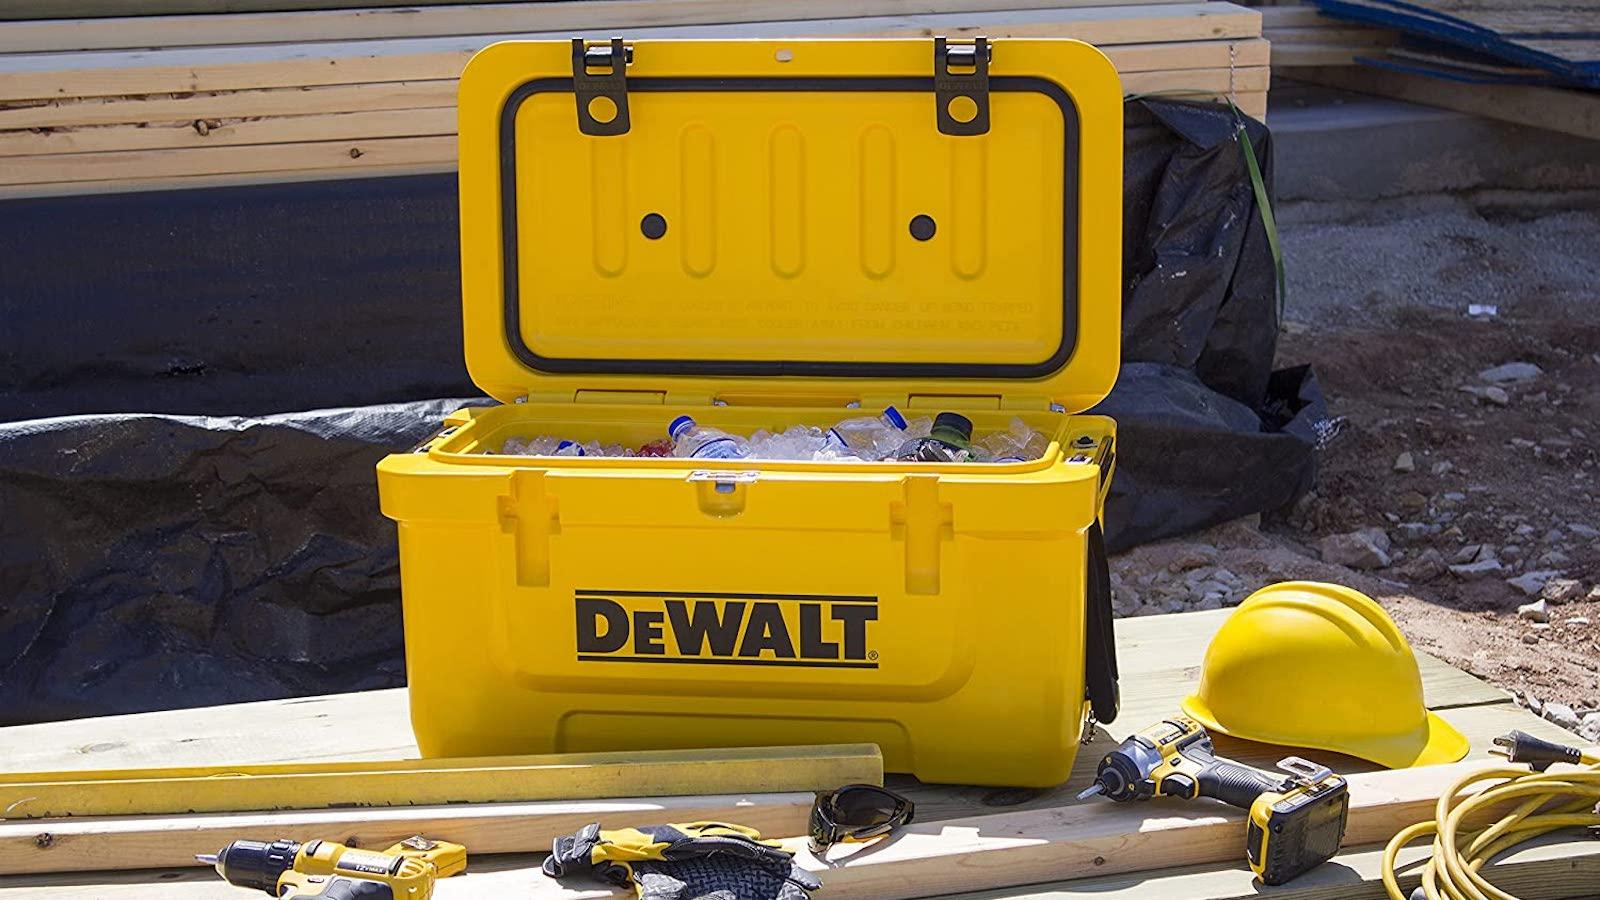 DeWalt 45 Qt Roto Molded Cooler Beverage Container